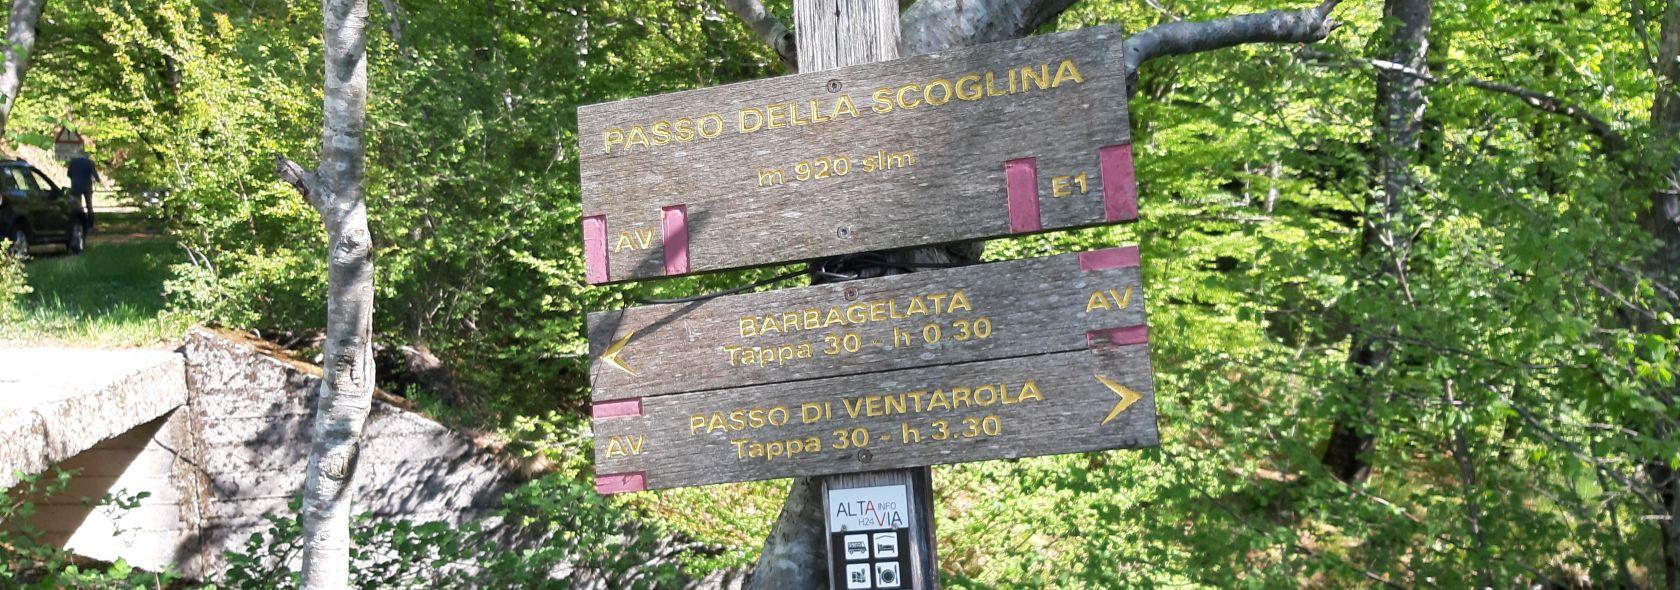 Passo della Scoglina - Ventarola archivio Città Metropolitana